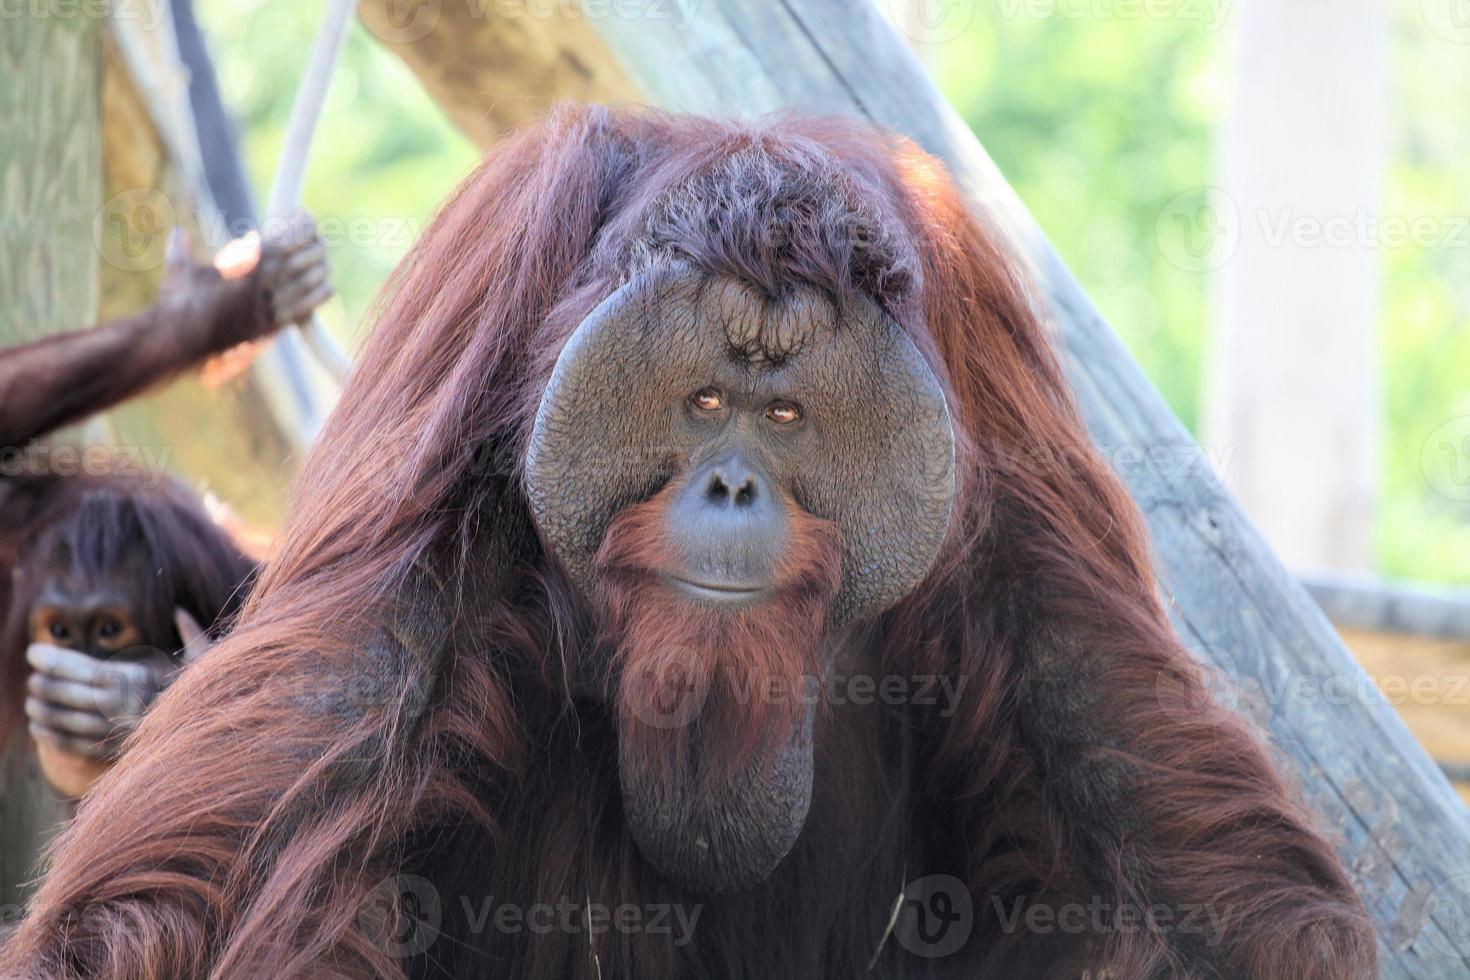 mannelijke orang-oetan uit de apenfamilie foto